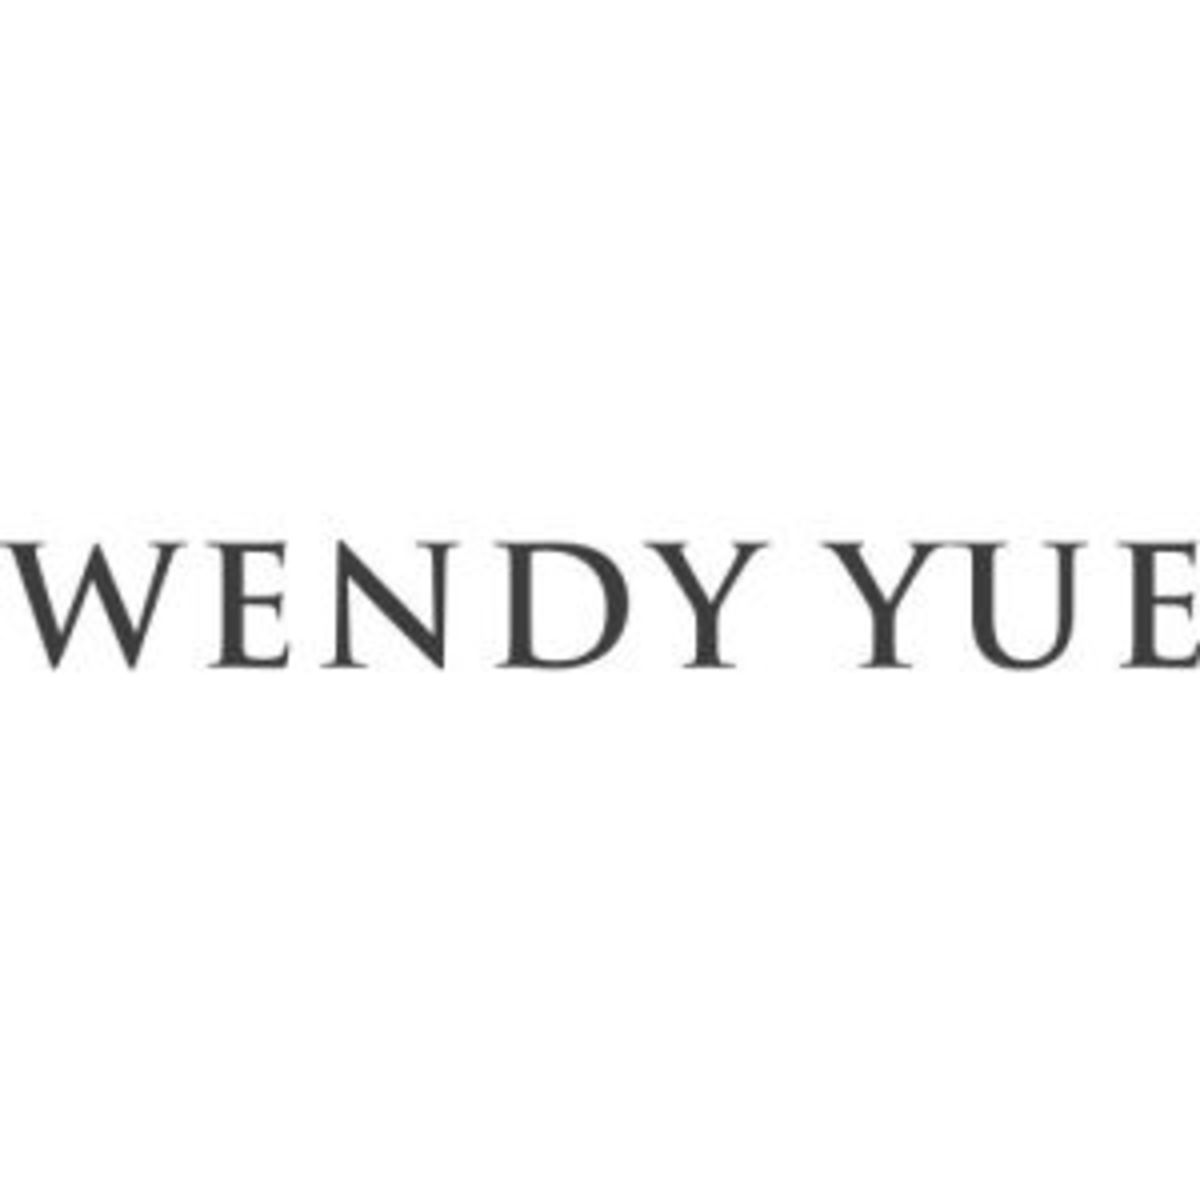 wendy yue.jpg